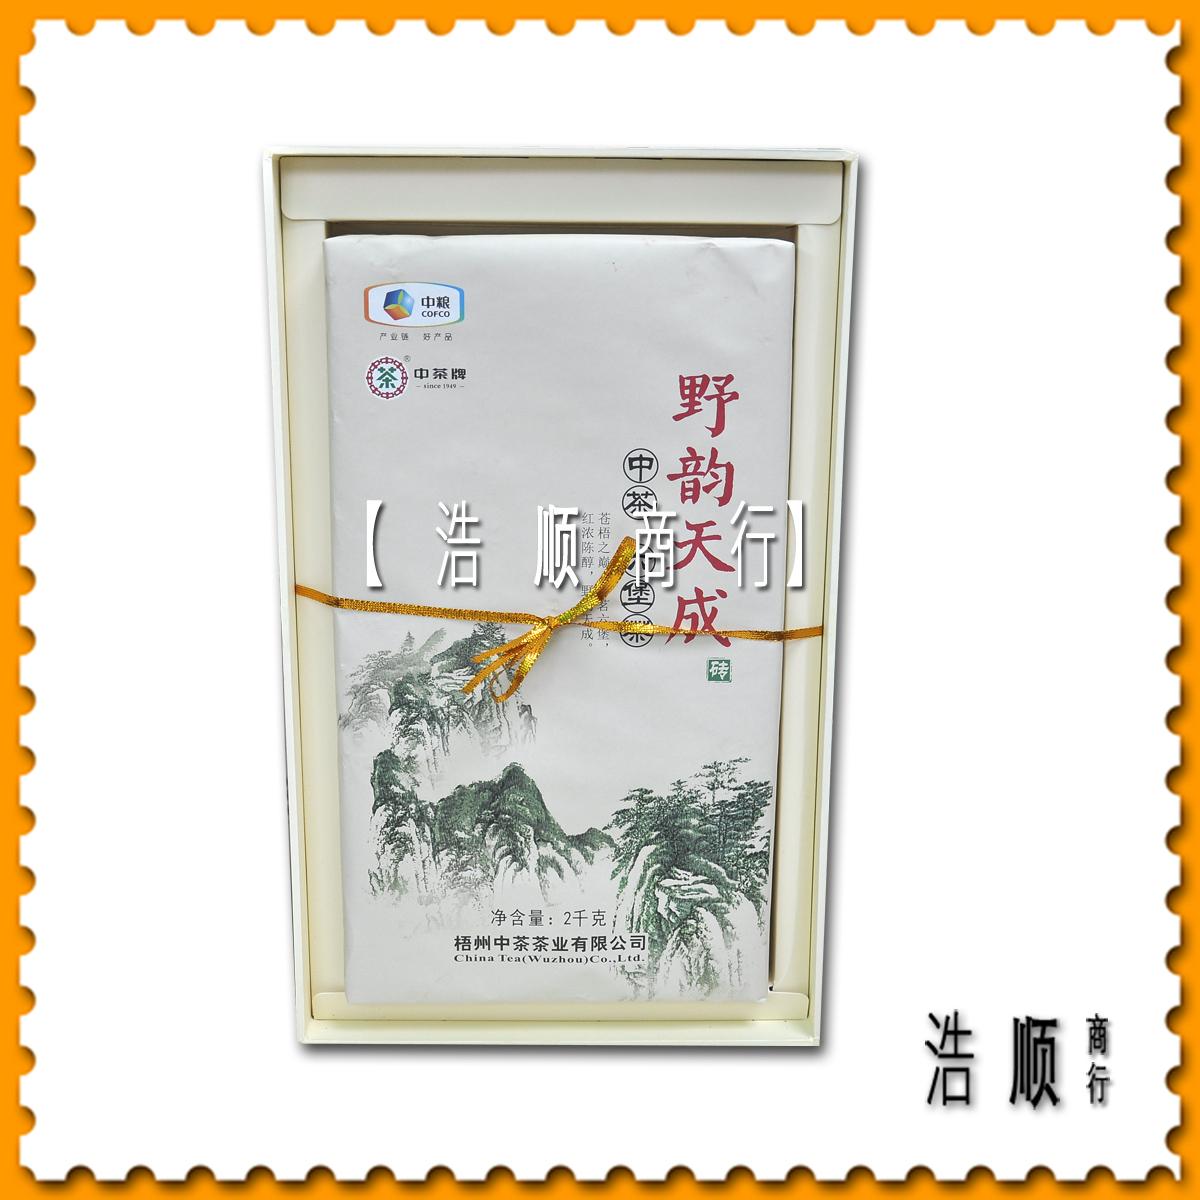 【浩顺商行】梧州中茶2015年三级野韵天成六堡茶砖(2千克) 黑茶